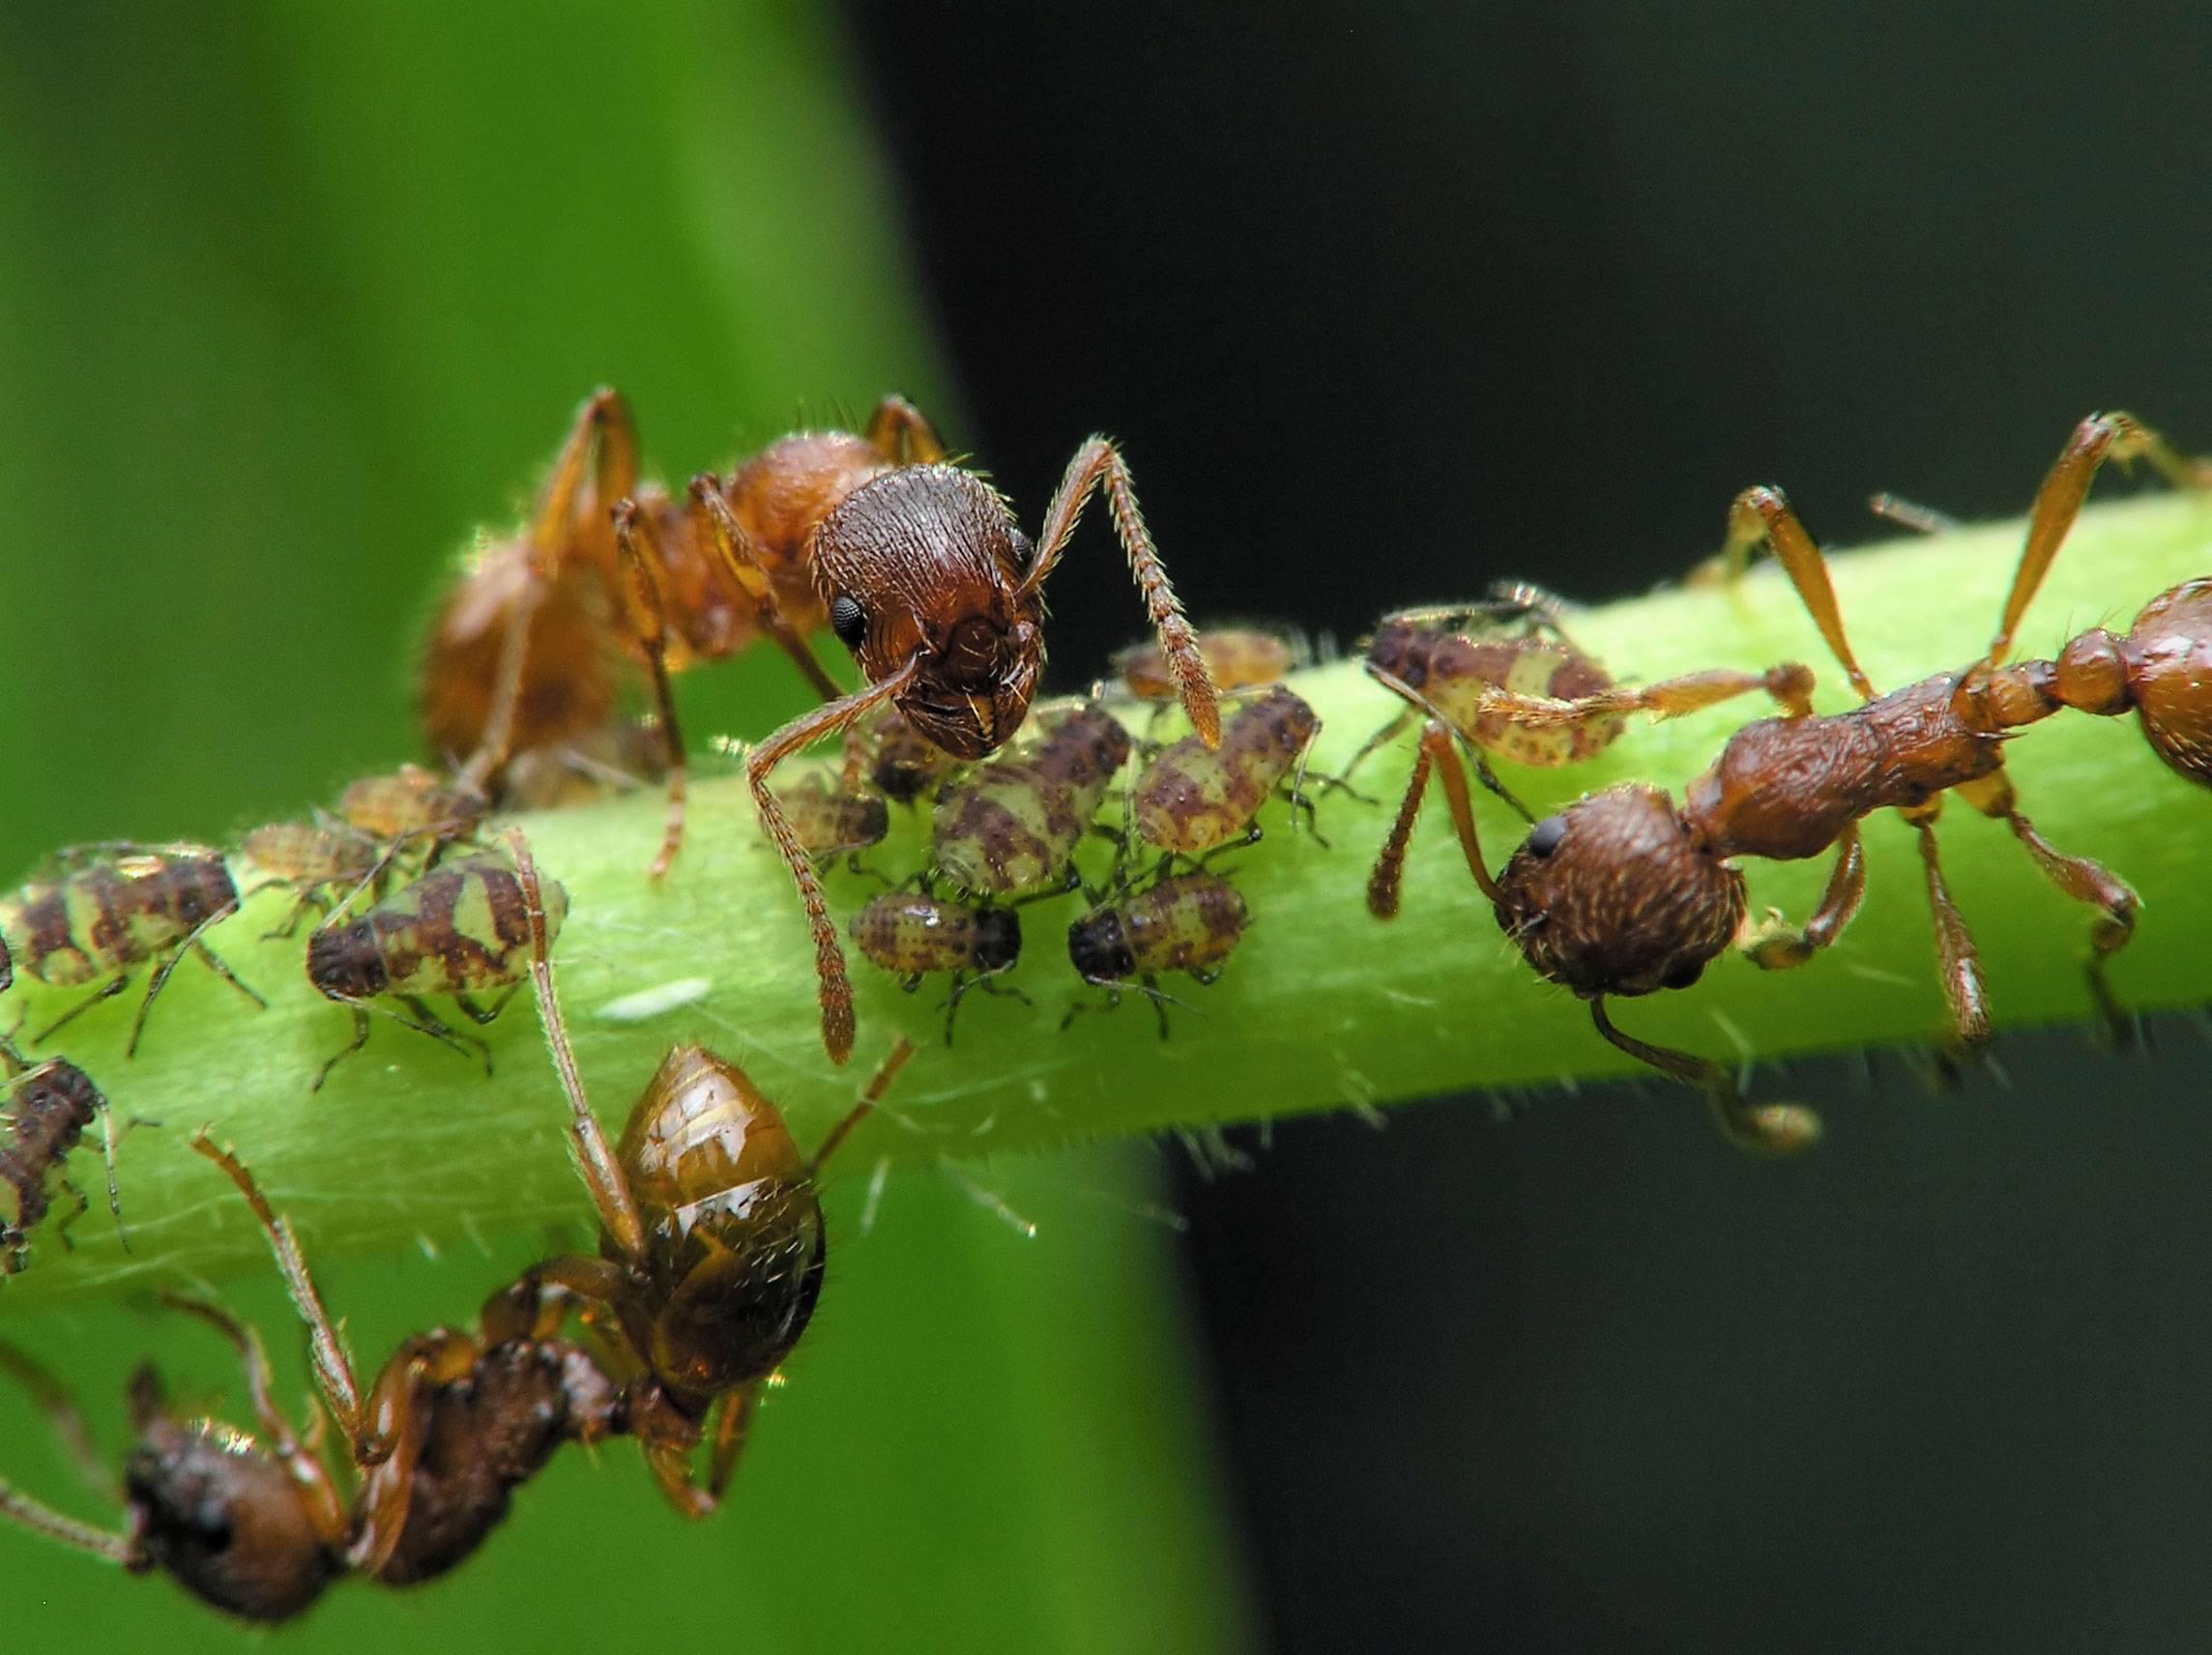 Садовые муравьи – польза и вред для сада и огорода